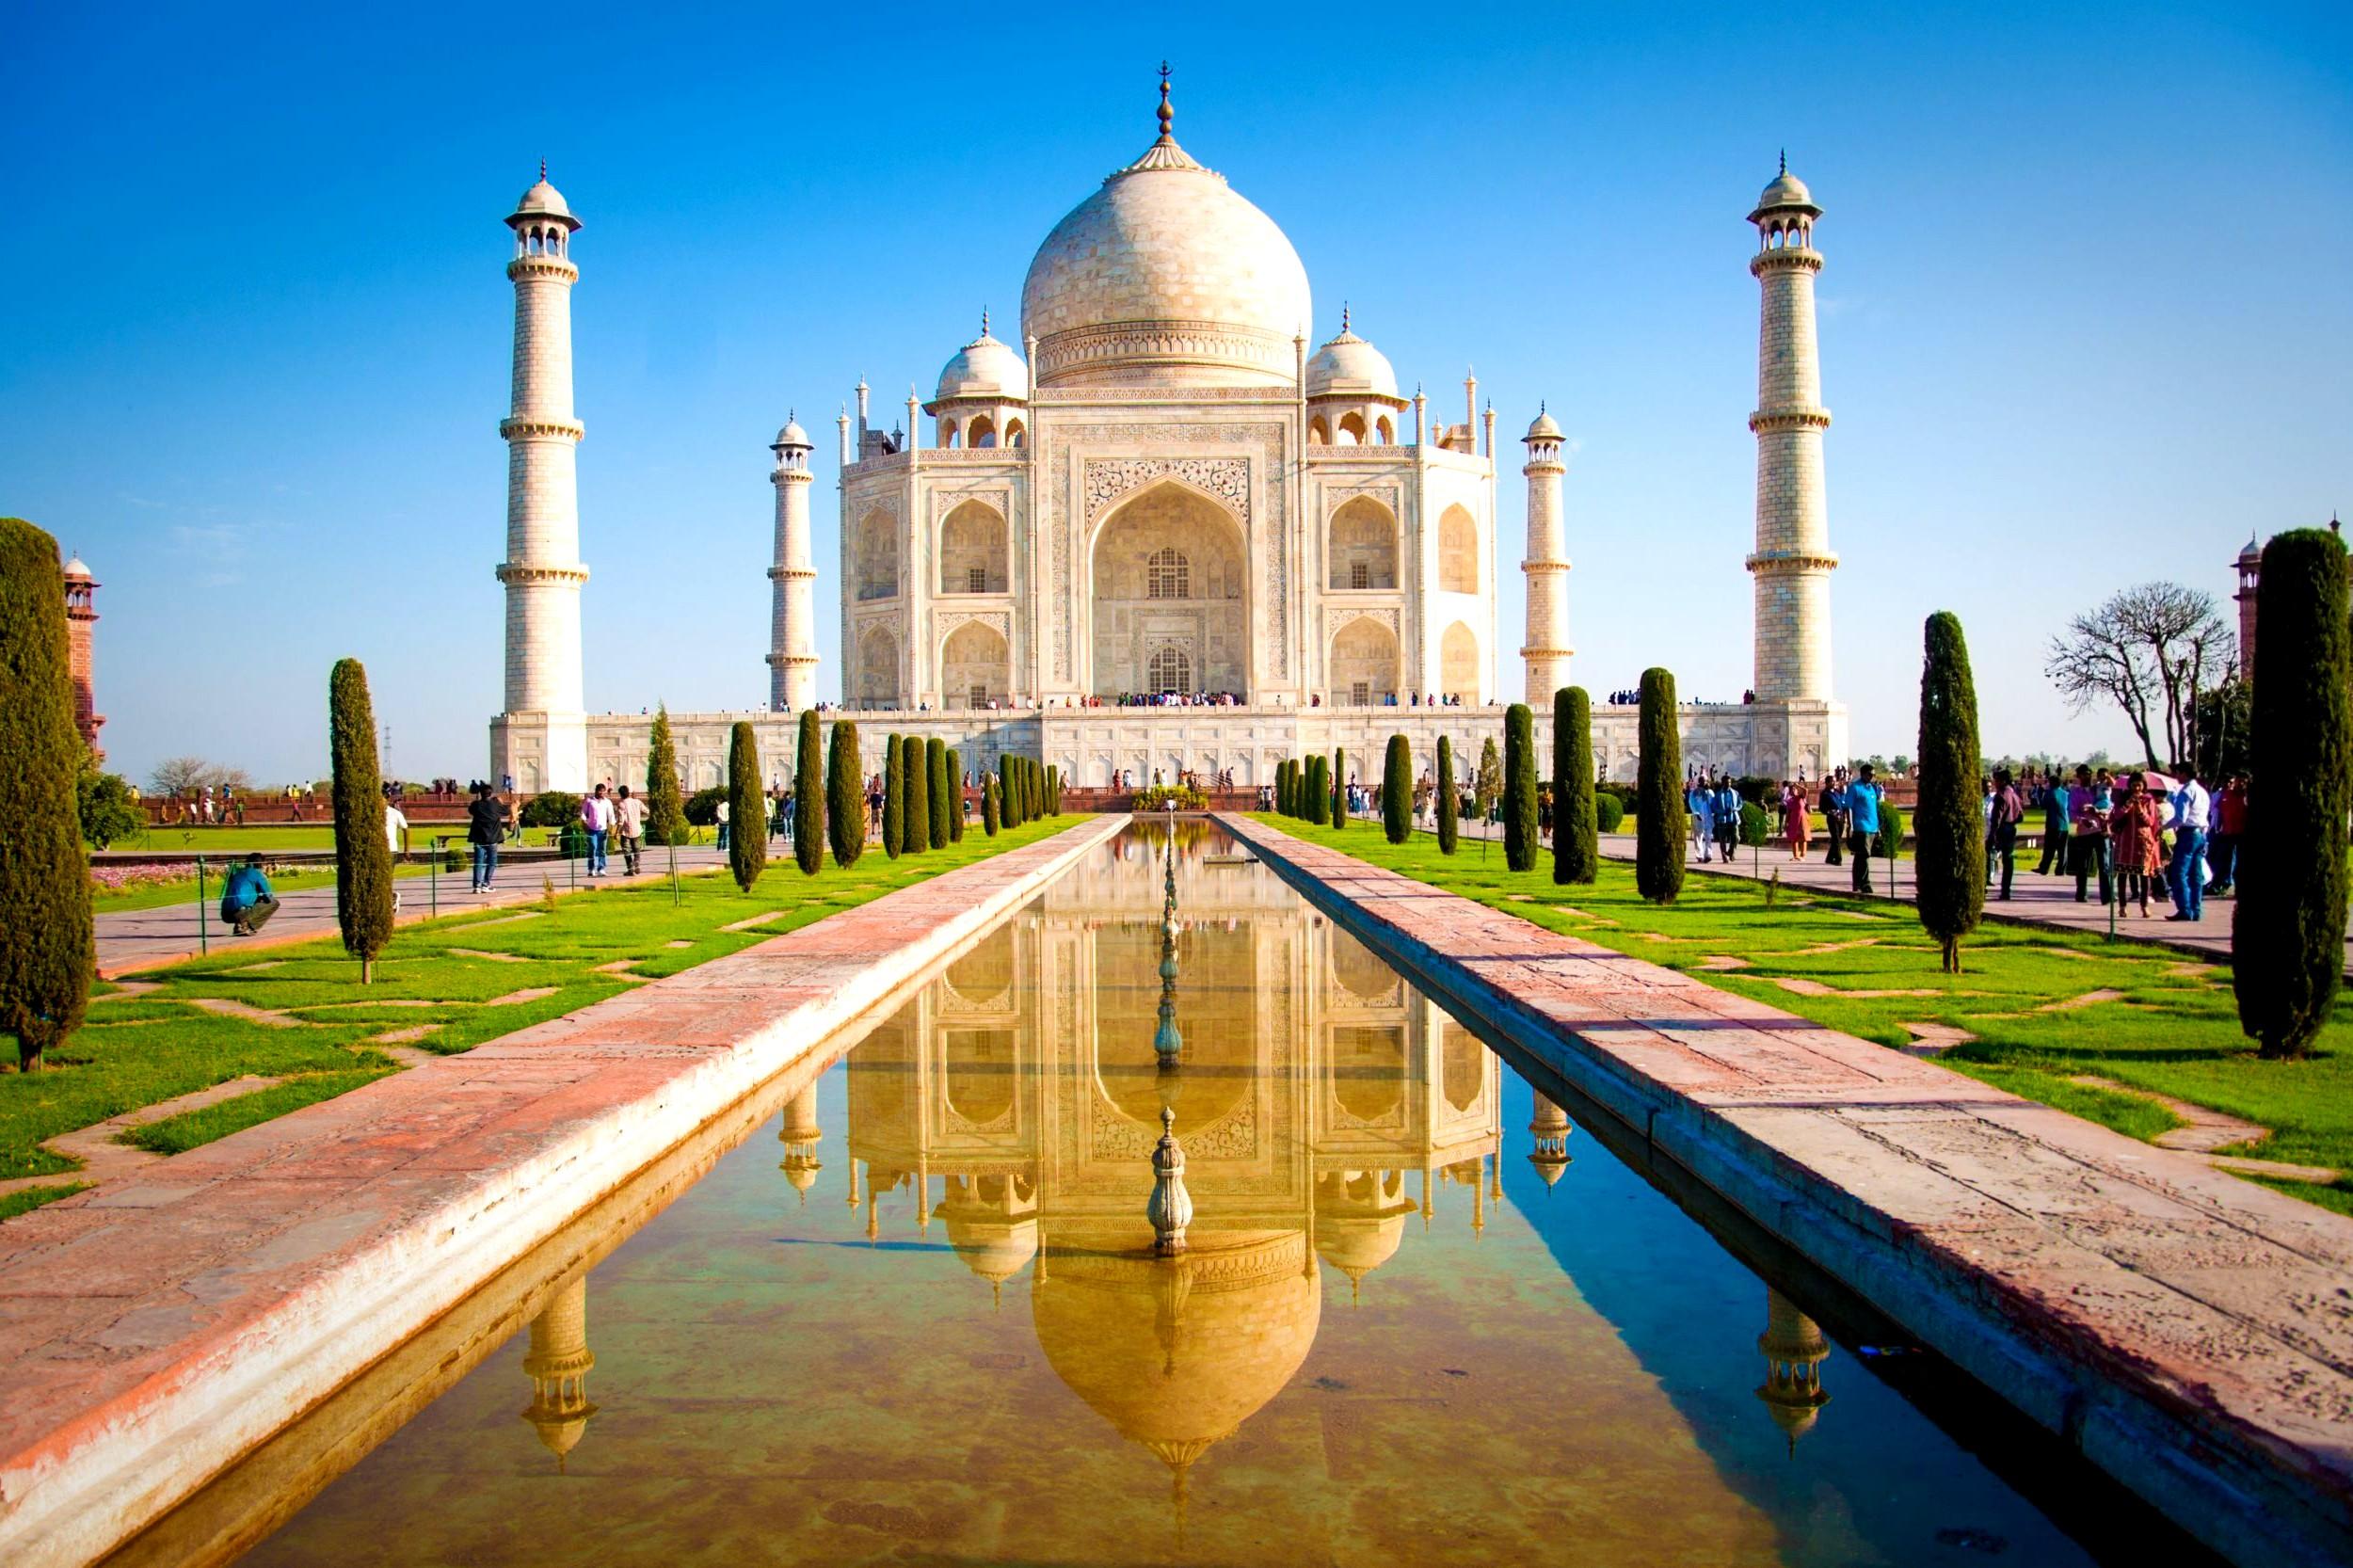 9.Taj Mahal